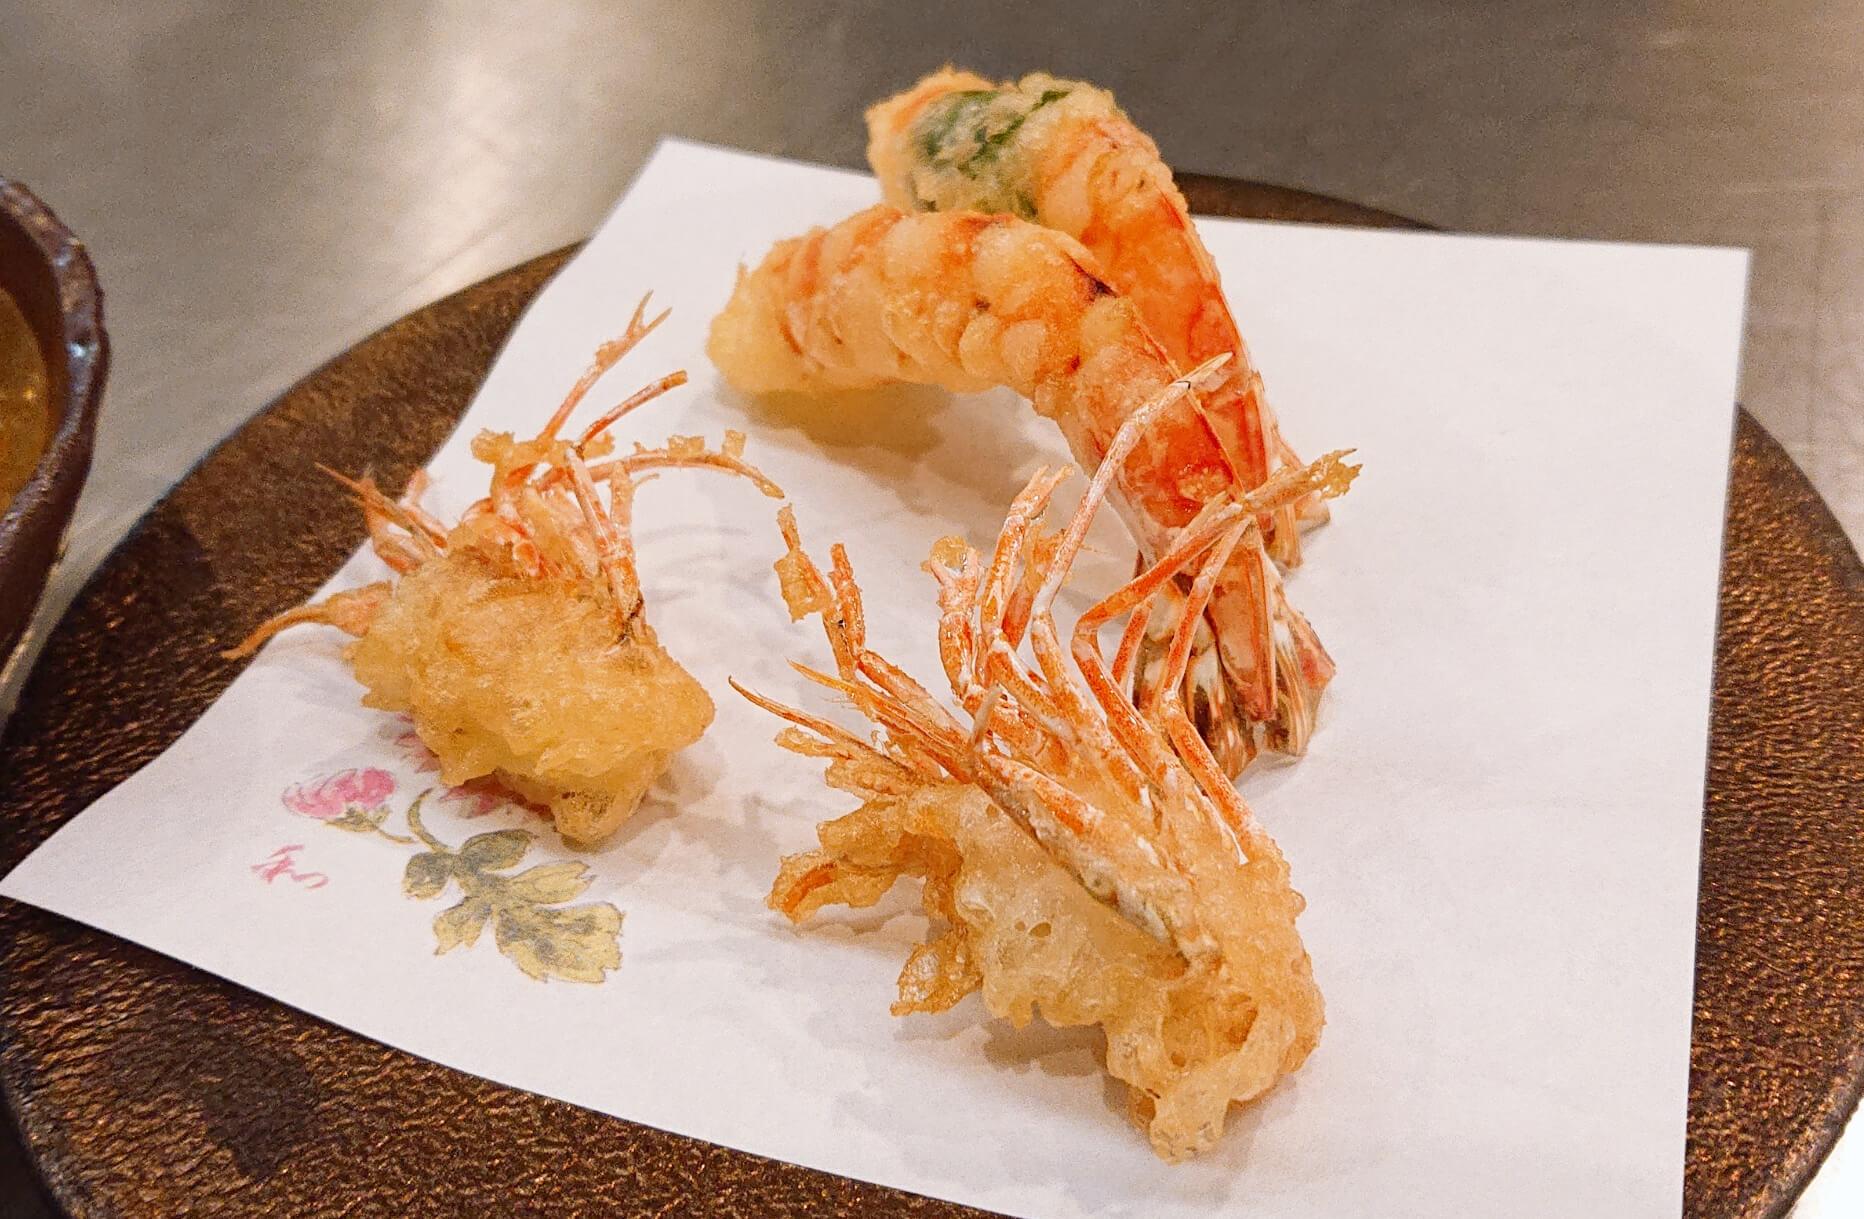 削りたて黒トリュフの卵かけご飯が絶品の北新地「なにわ天ぷら維心」